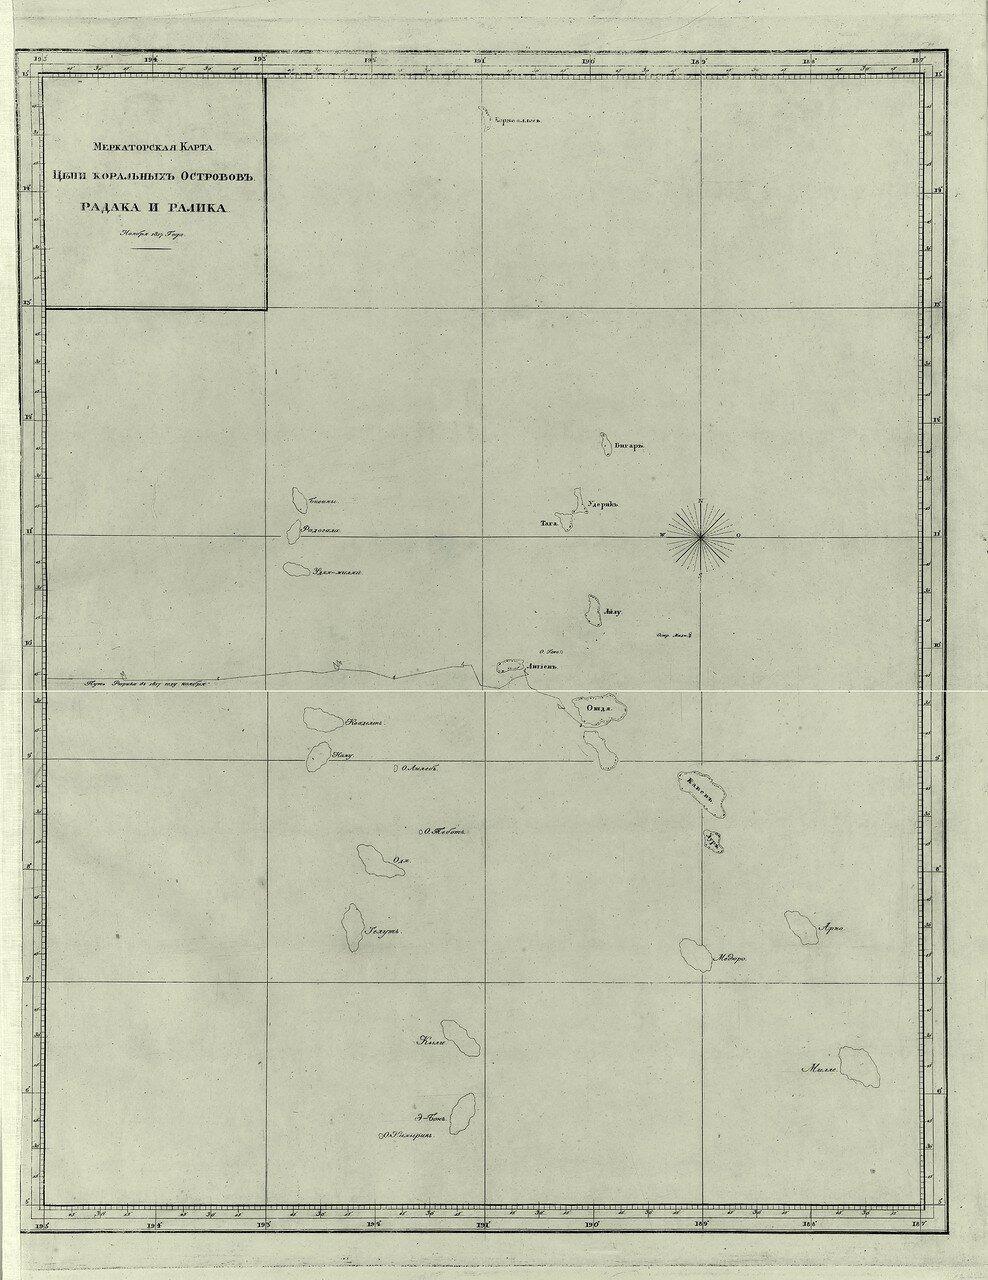 12. Меркаторская карта Цепи коральных островов Радака и Ралика. Ноября 1817 года.